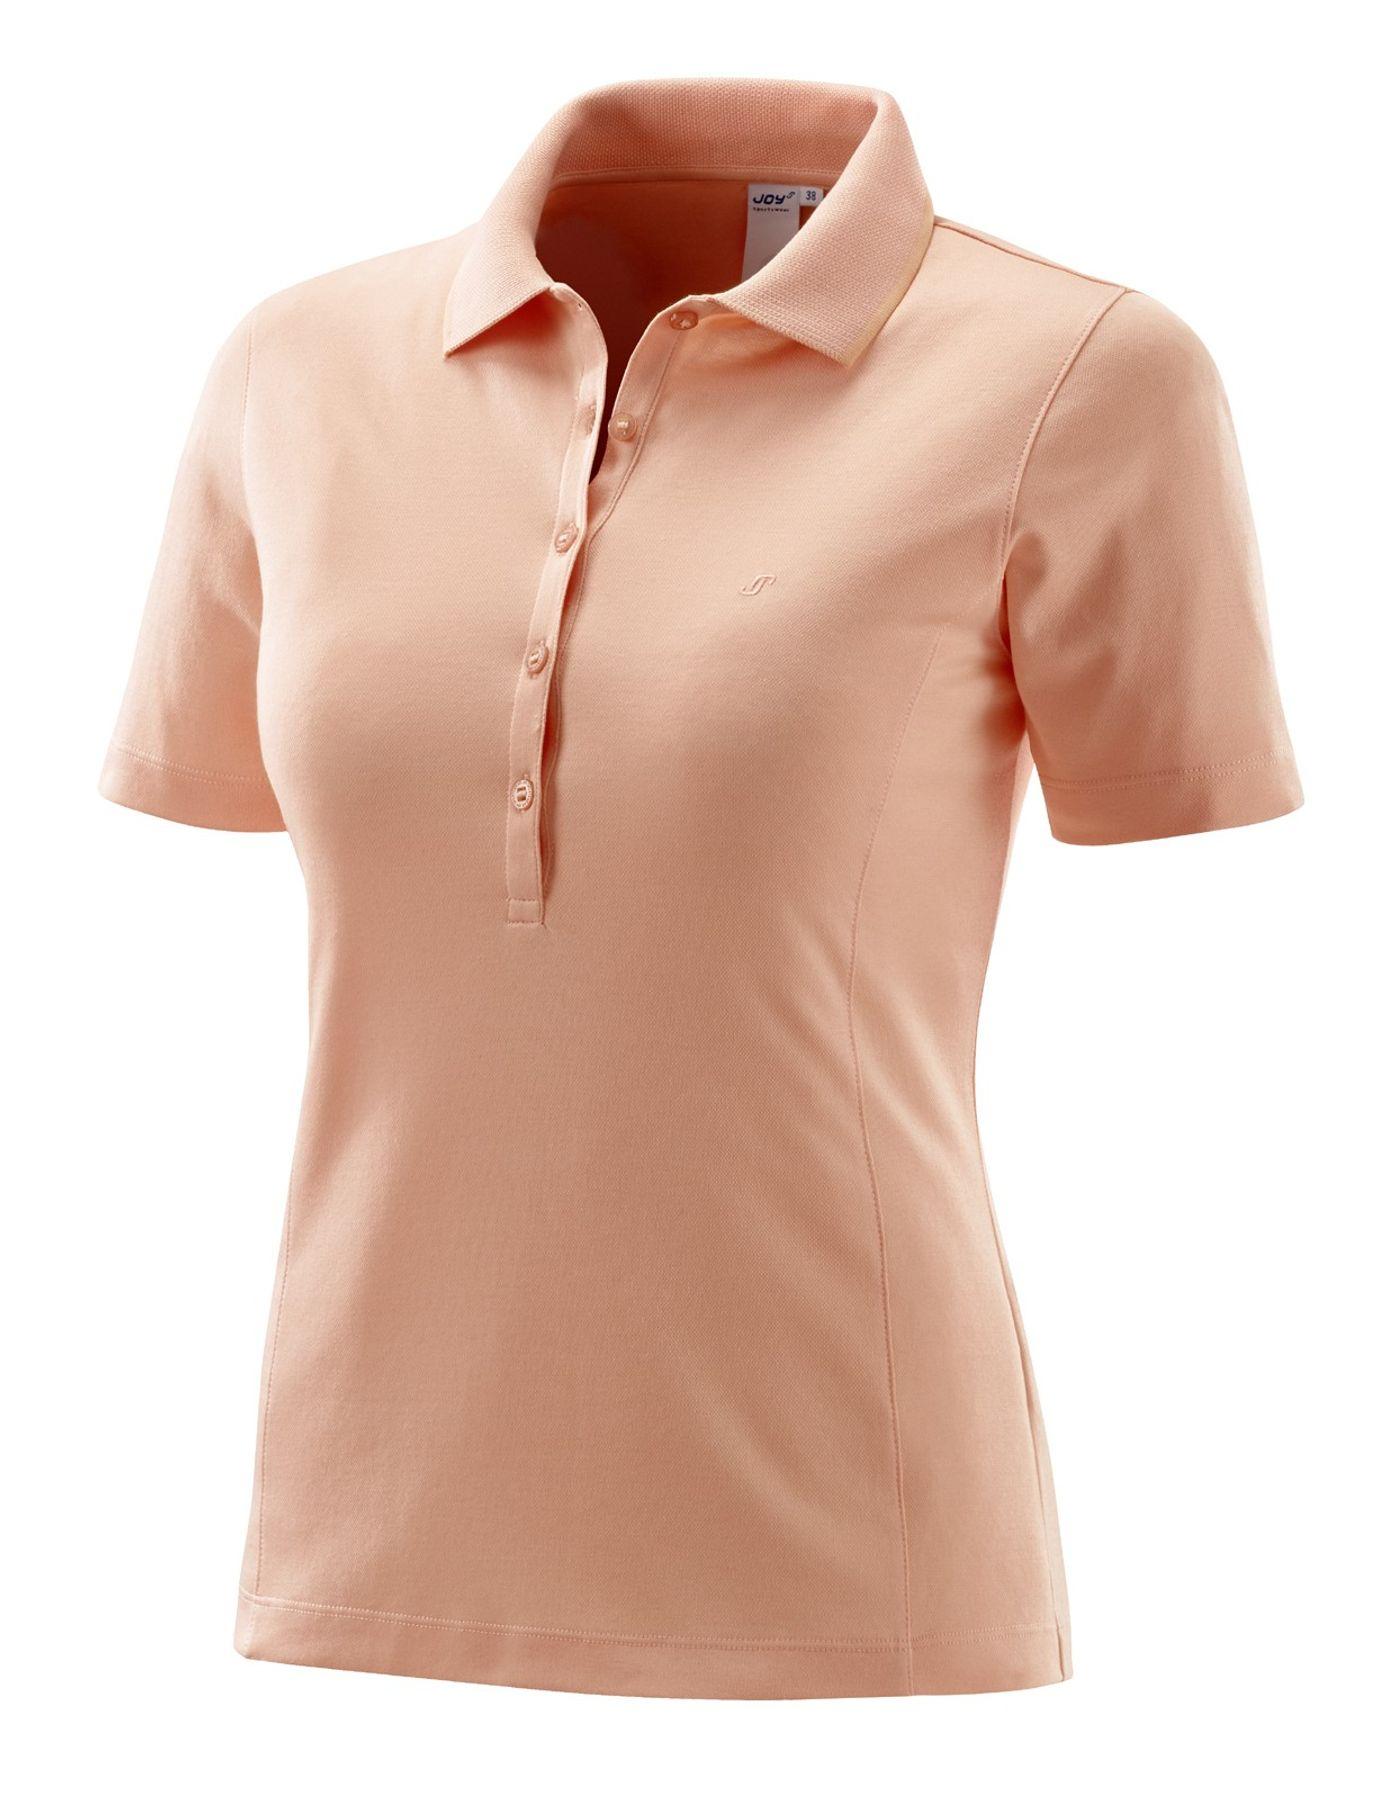 Joy - Damen Sport und Freizeit Poloshirt Bianka (34475) – Bild 4